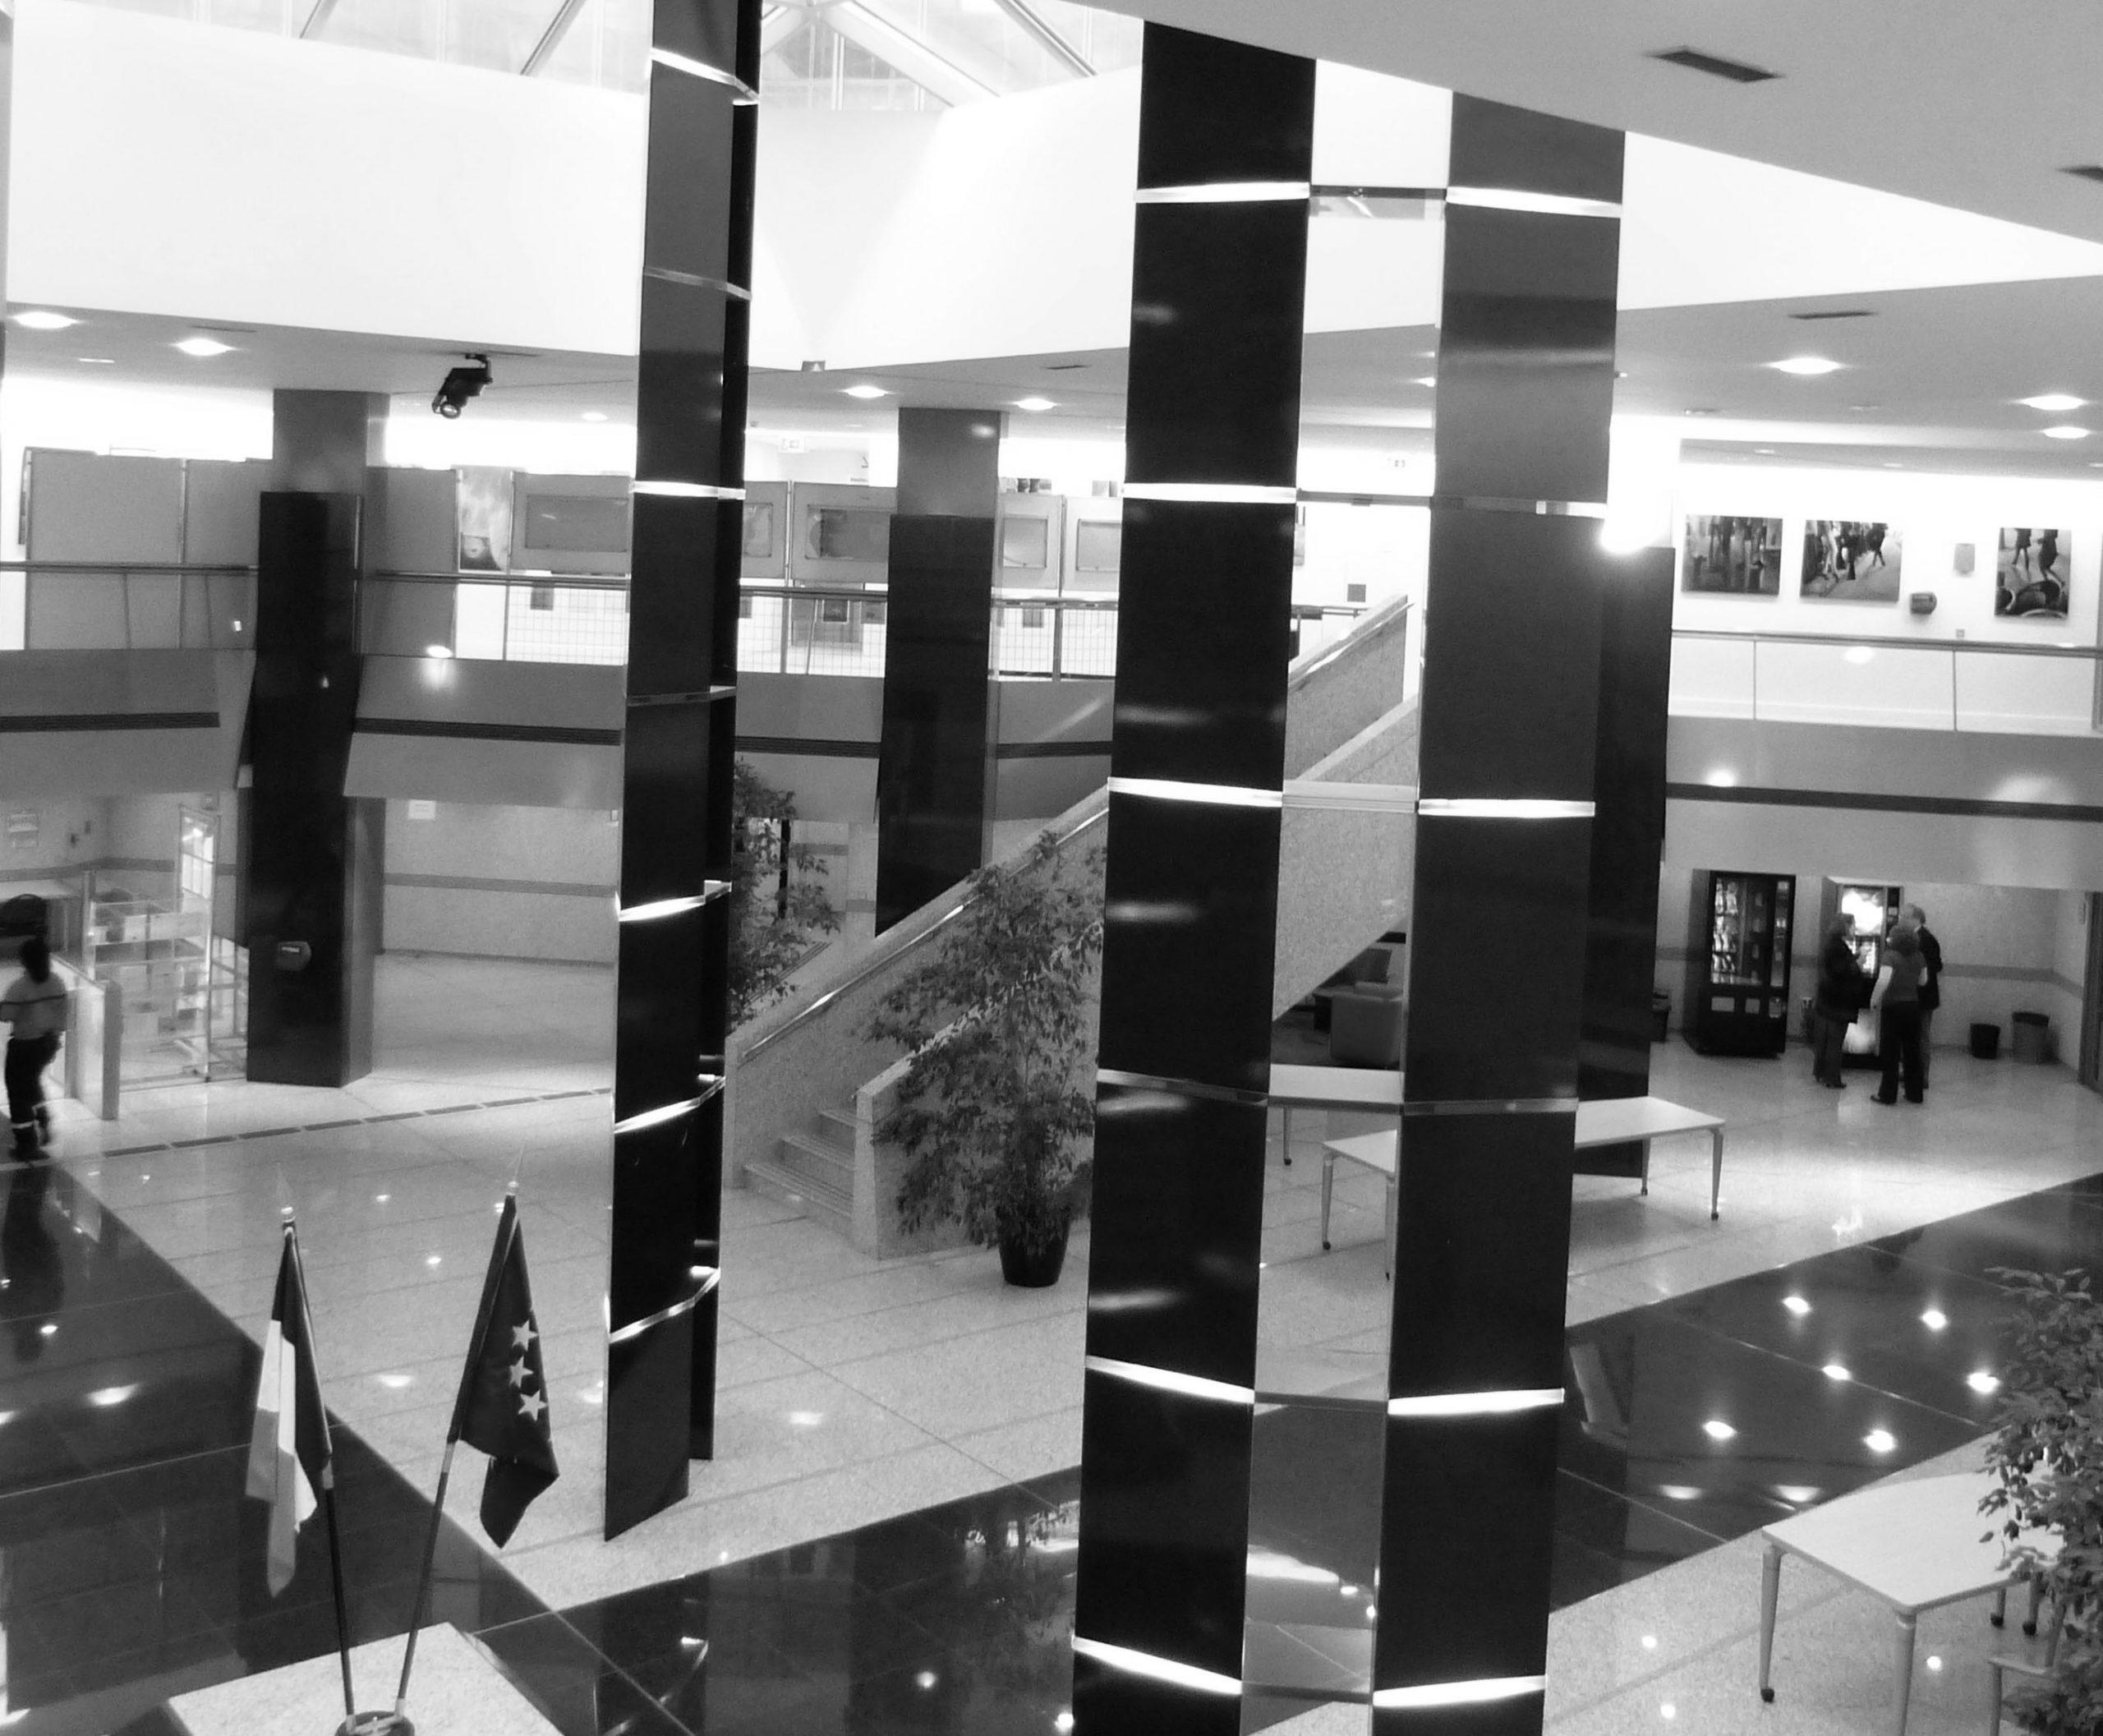 Gissinger-Mariele-Peinture-huile-Peinte-Artiste-Art-gm-Alsace-France– Le-Monde – salon automne – Paris – préfecture paris-ile de France-JP de Bernis- Président Mérite et dévouement